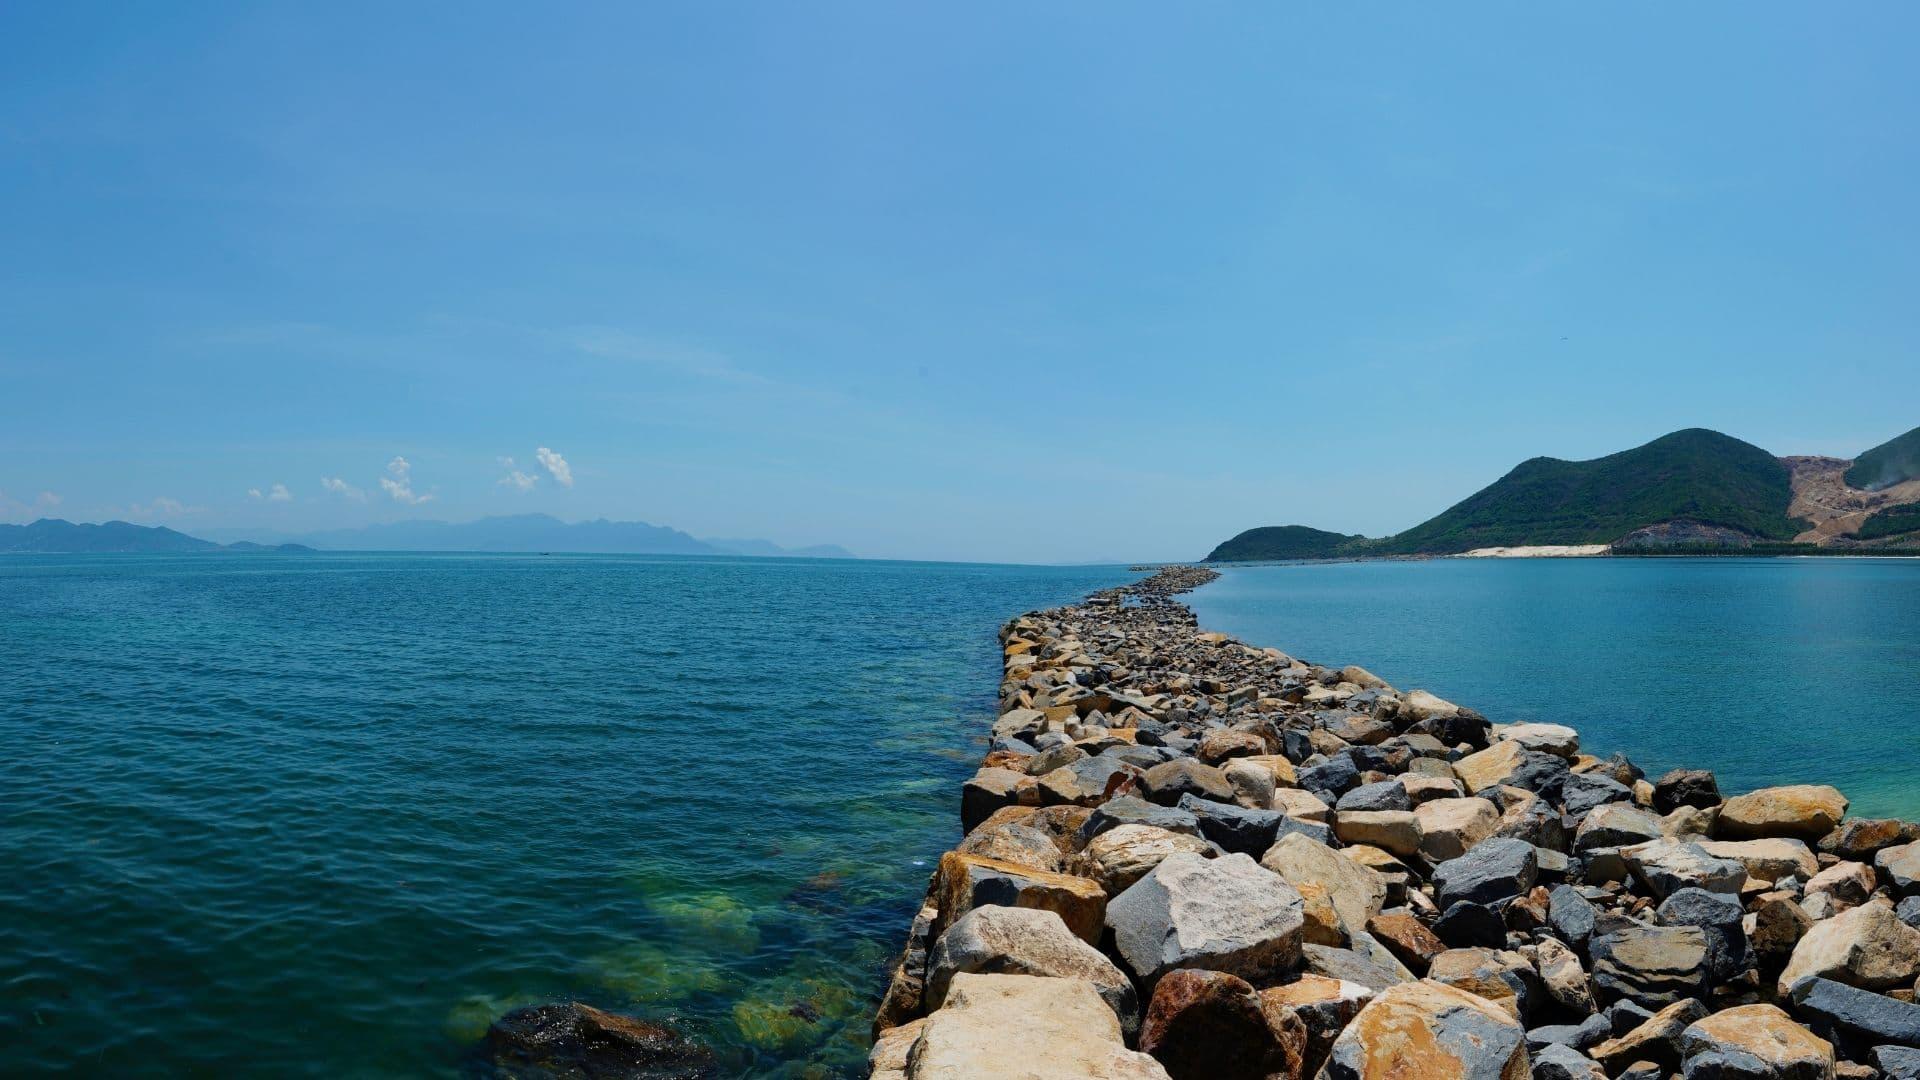 Nha Trang en Khanh Hoa es de lasPlayas más paradisiacas del sudeste asiático